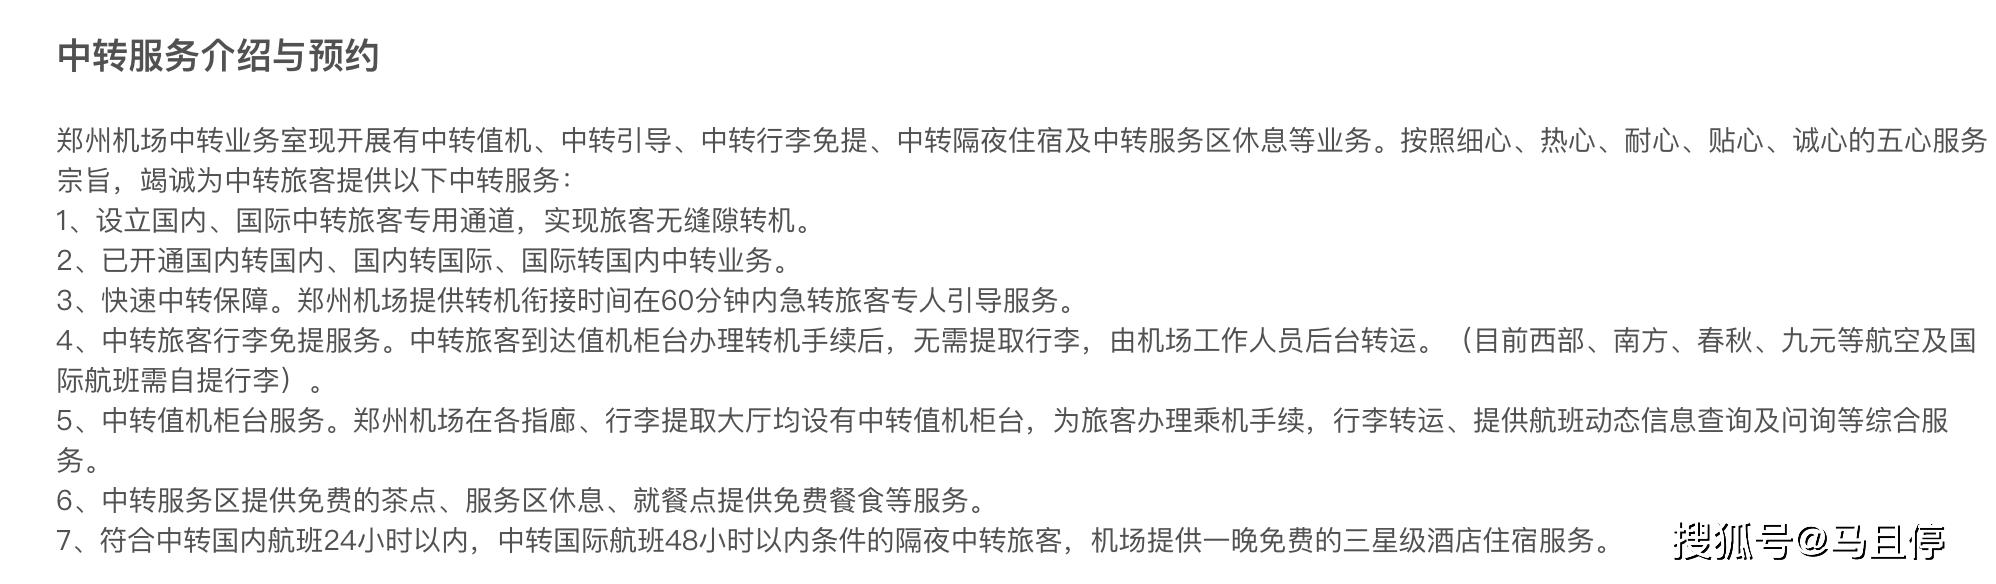 五一假期就可用!中国这些机场转机可免费住酒店,附亲自体验经历